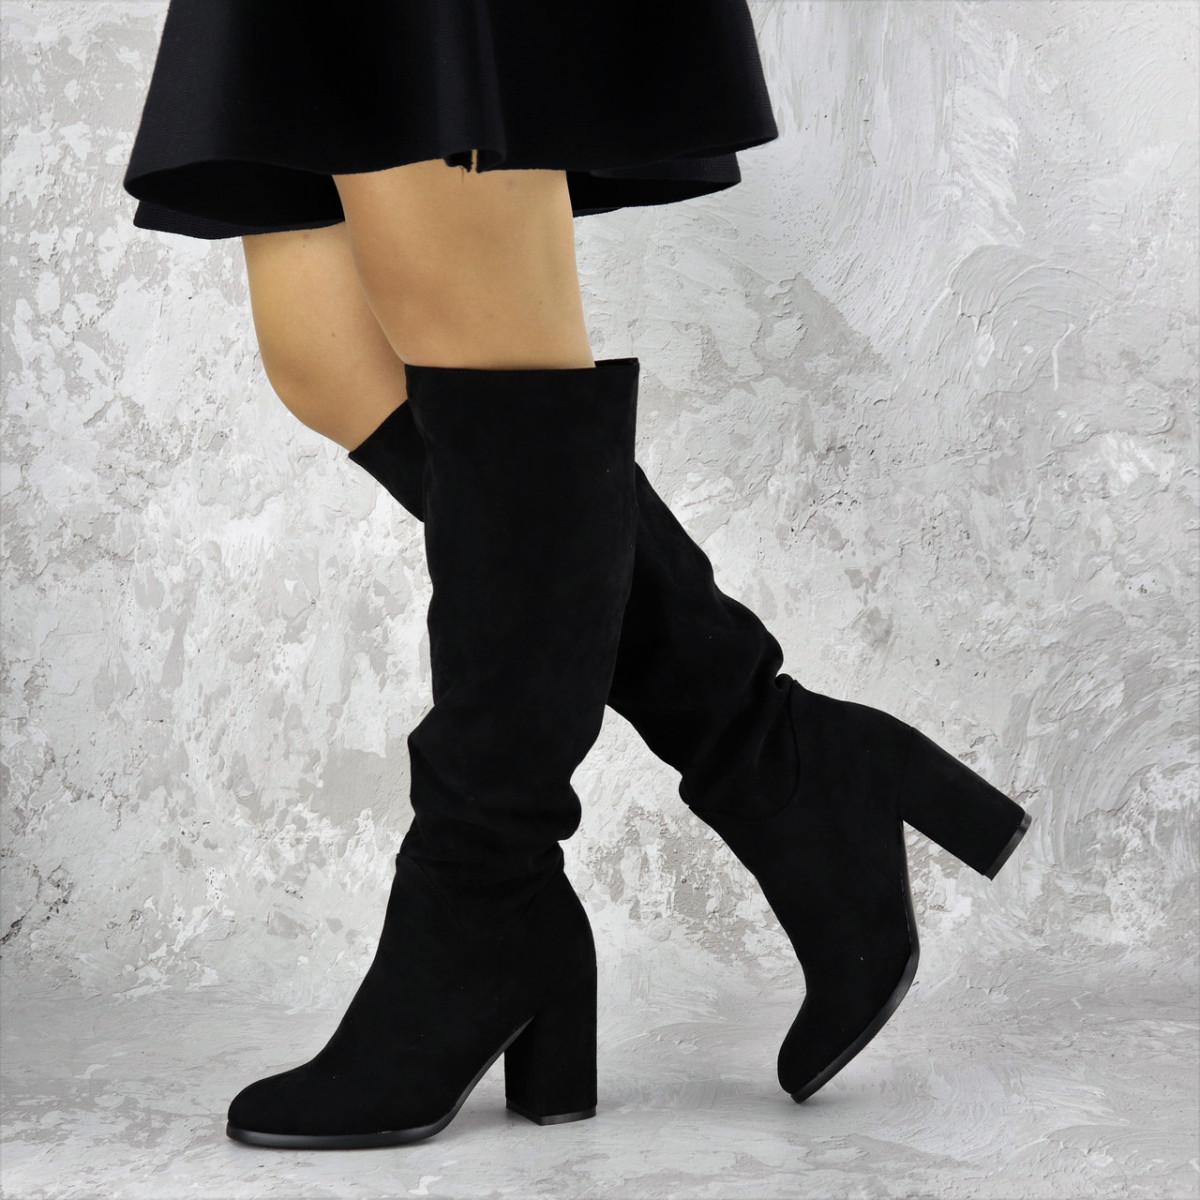 Женские сапоги на каблуке Gizmo 1426 (37 размер)